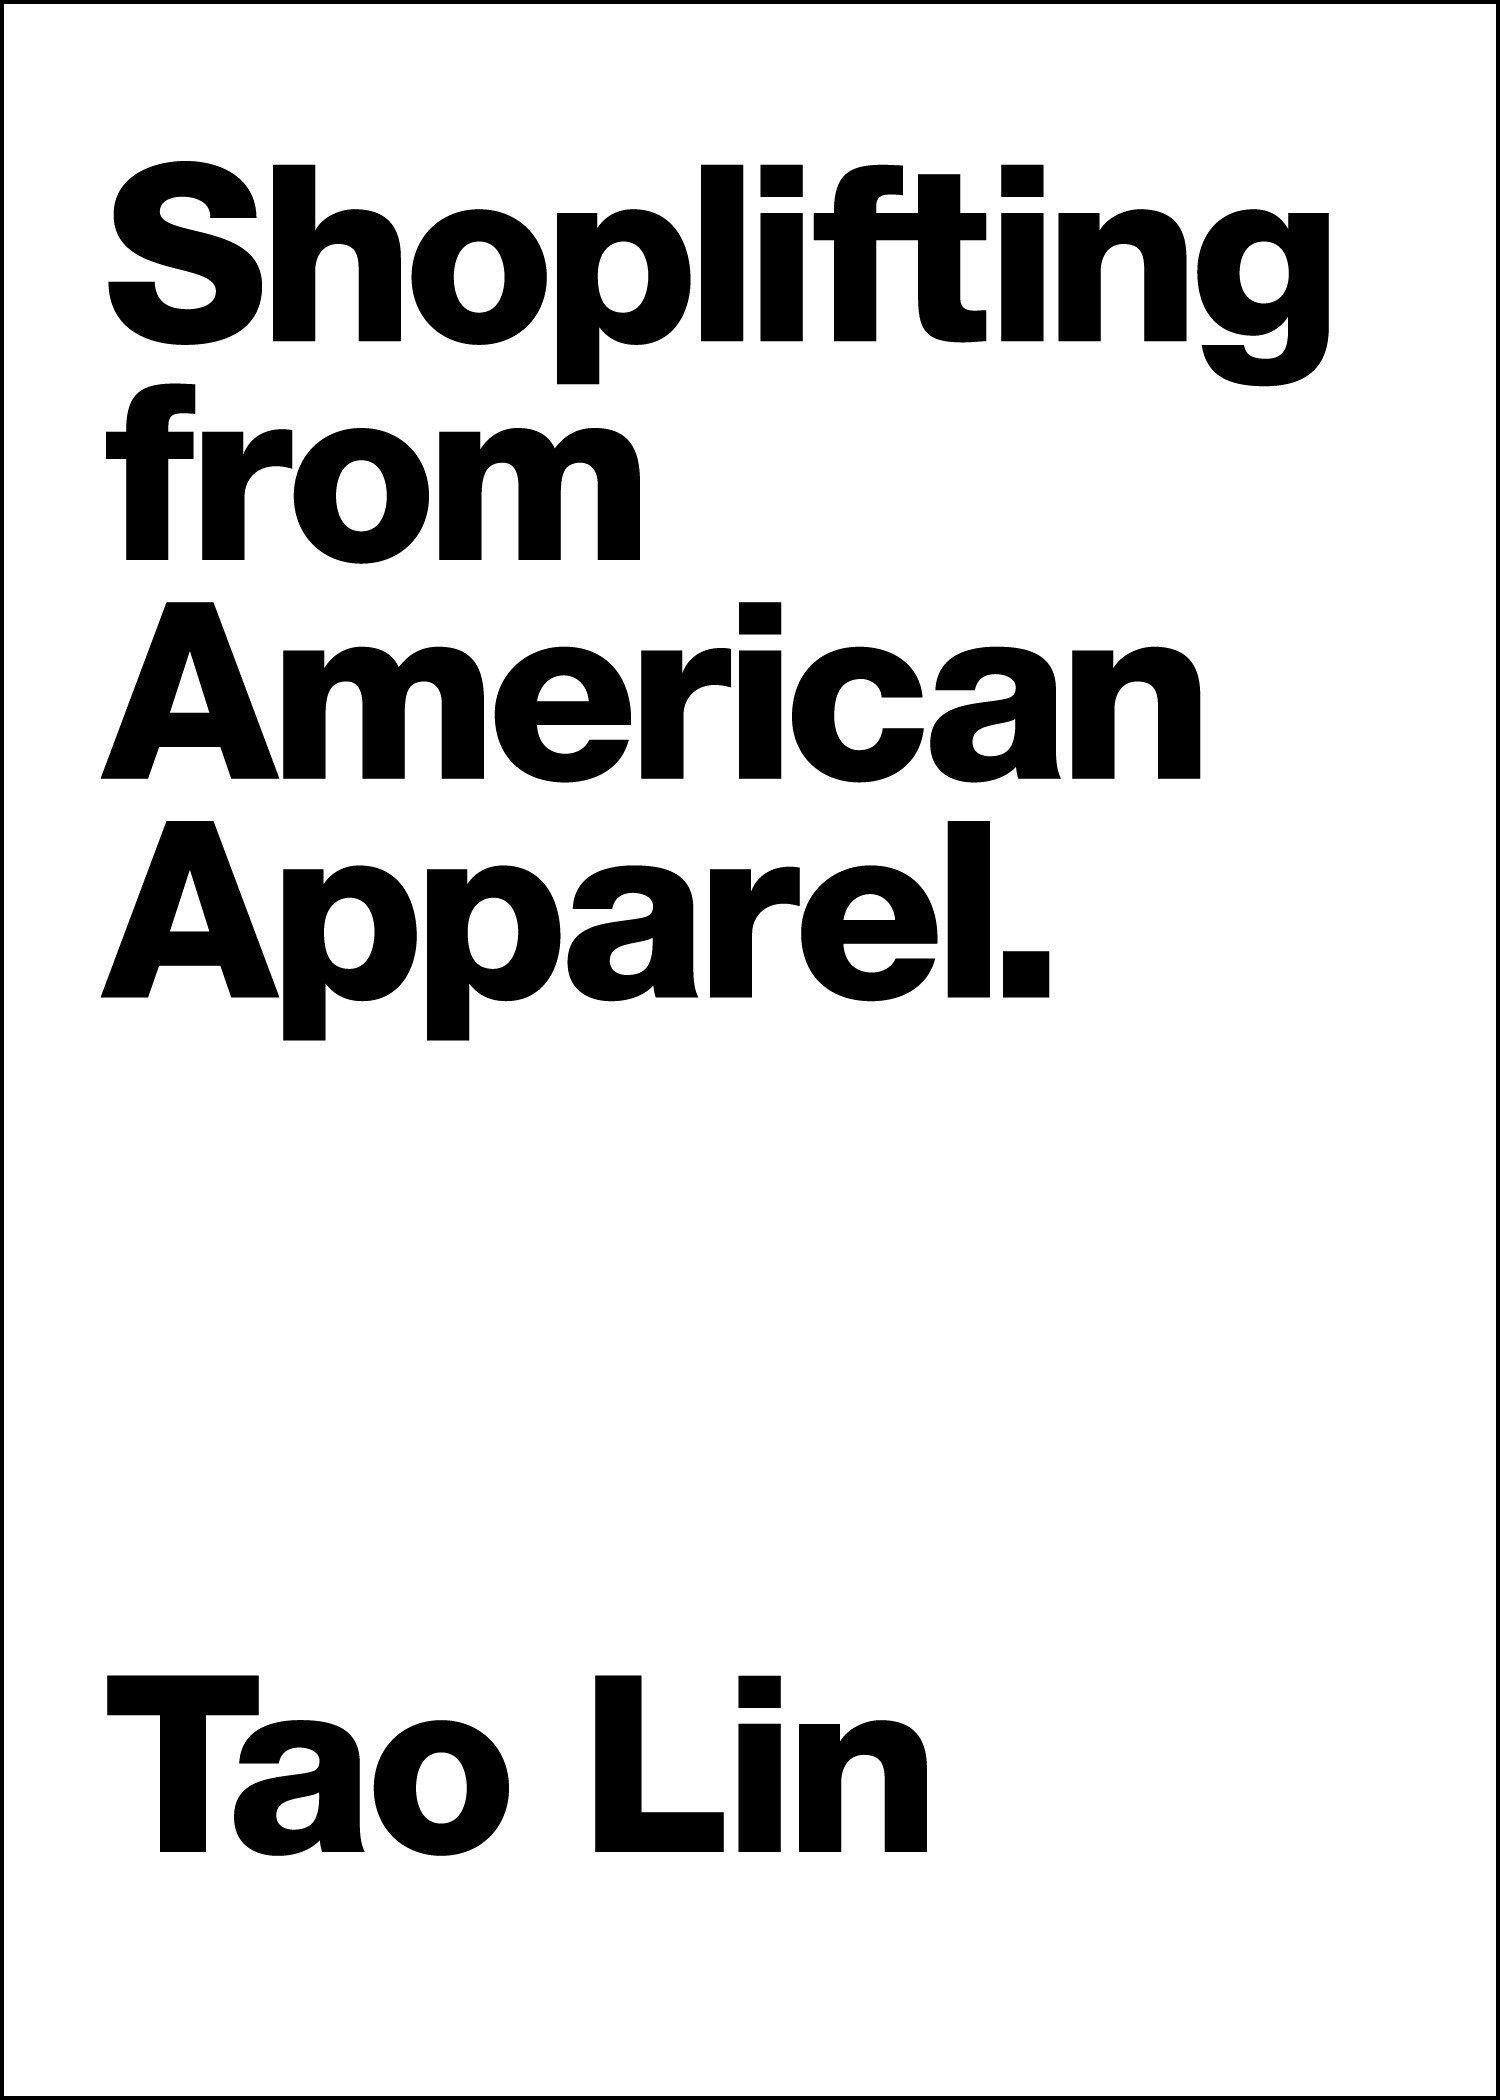 Robo en tiendas de American Apparel